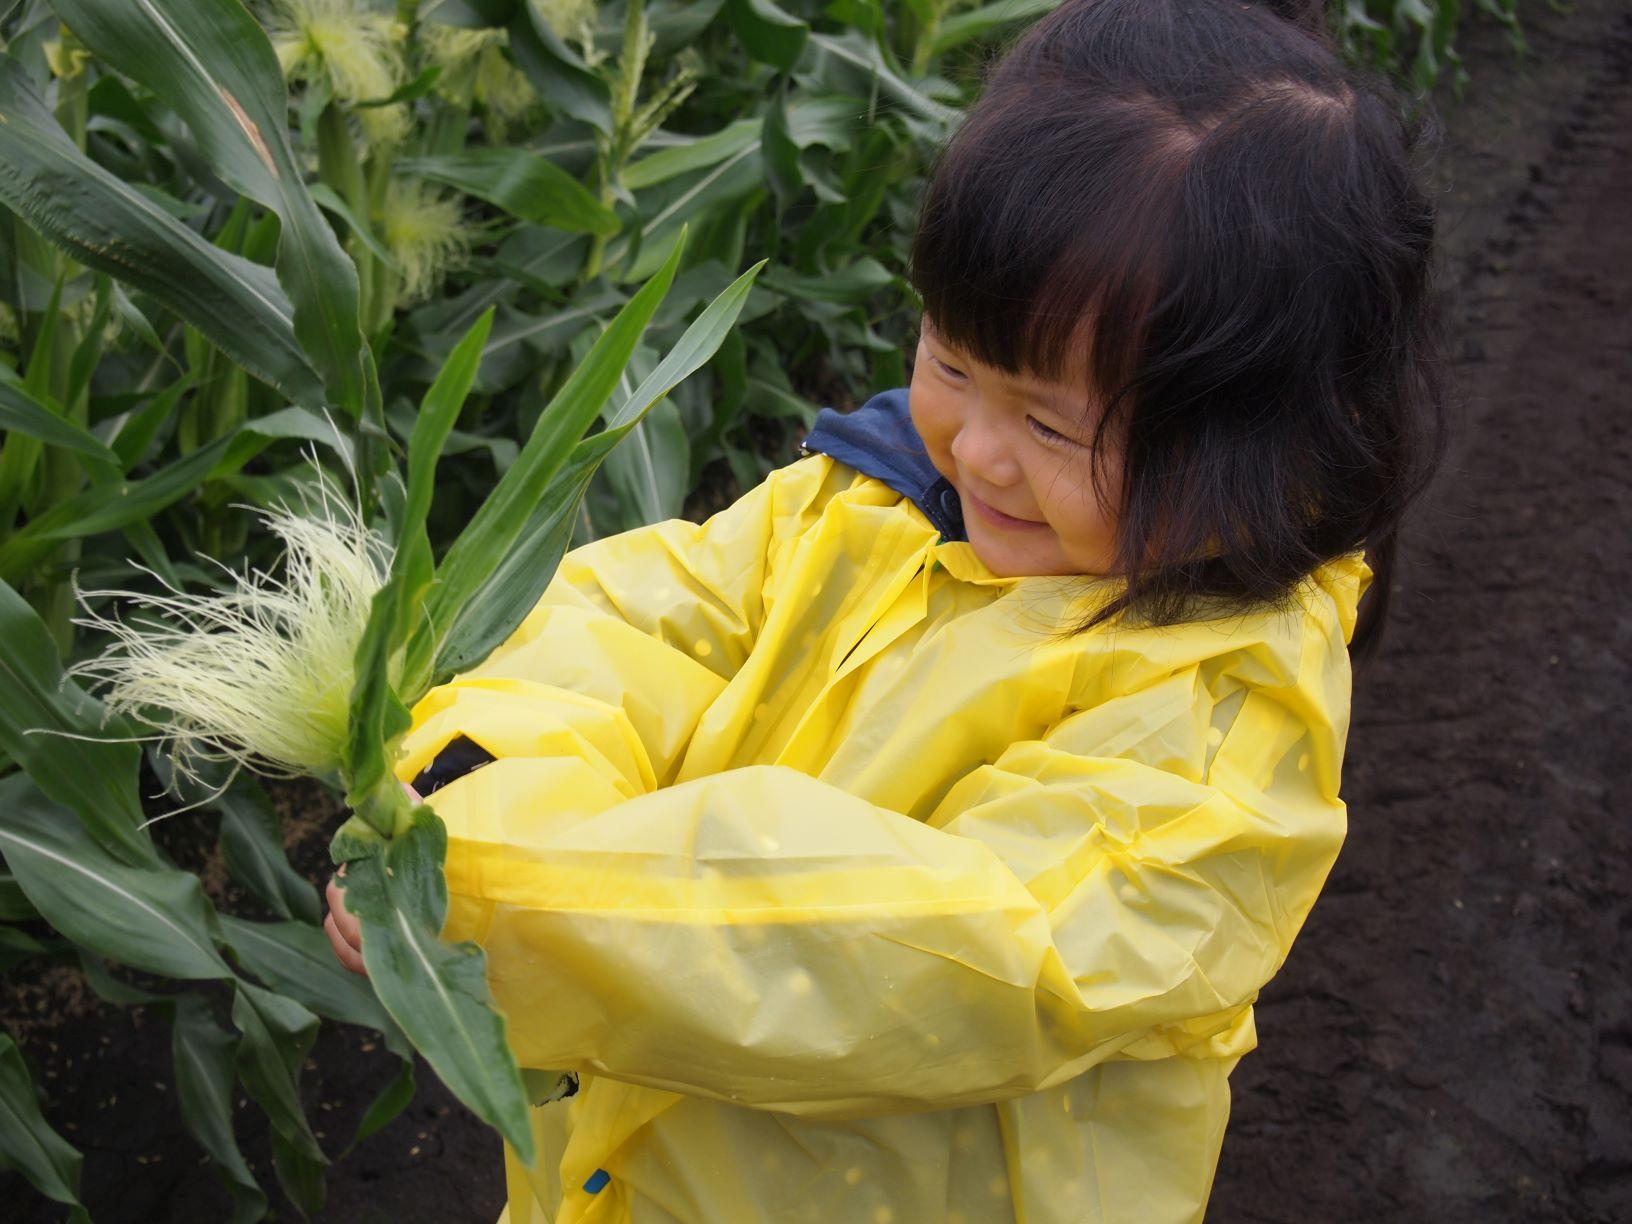 農場ピクニック_雨の日はどうなるの?